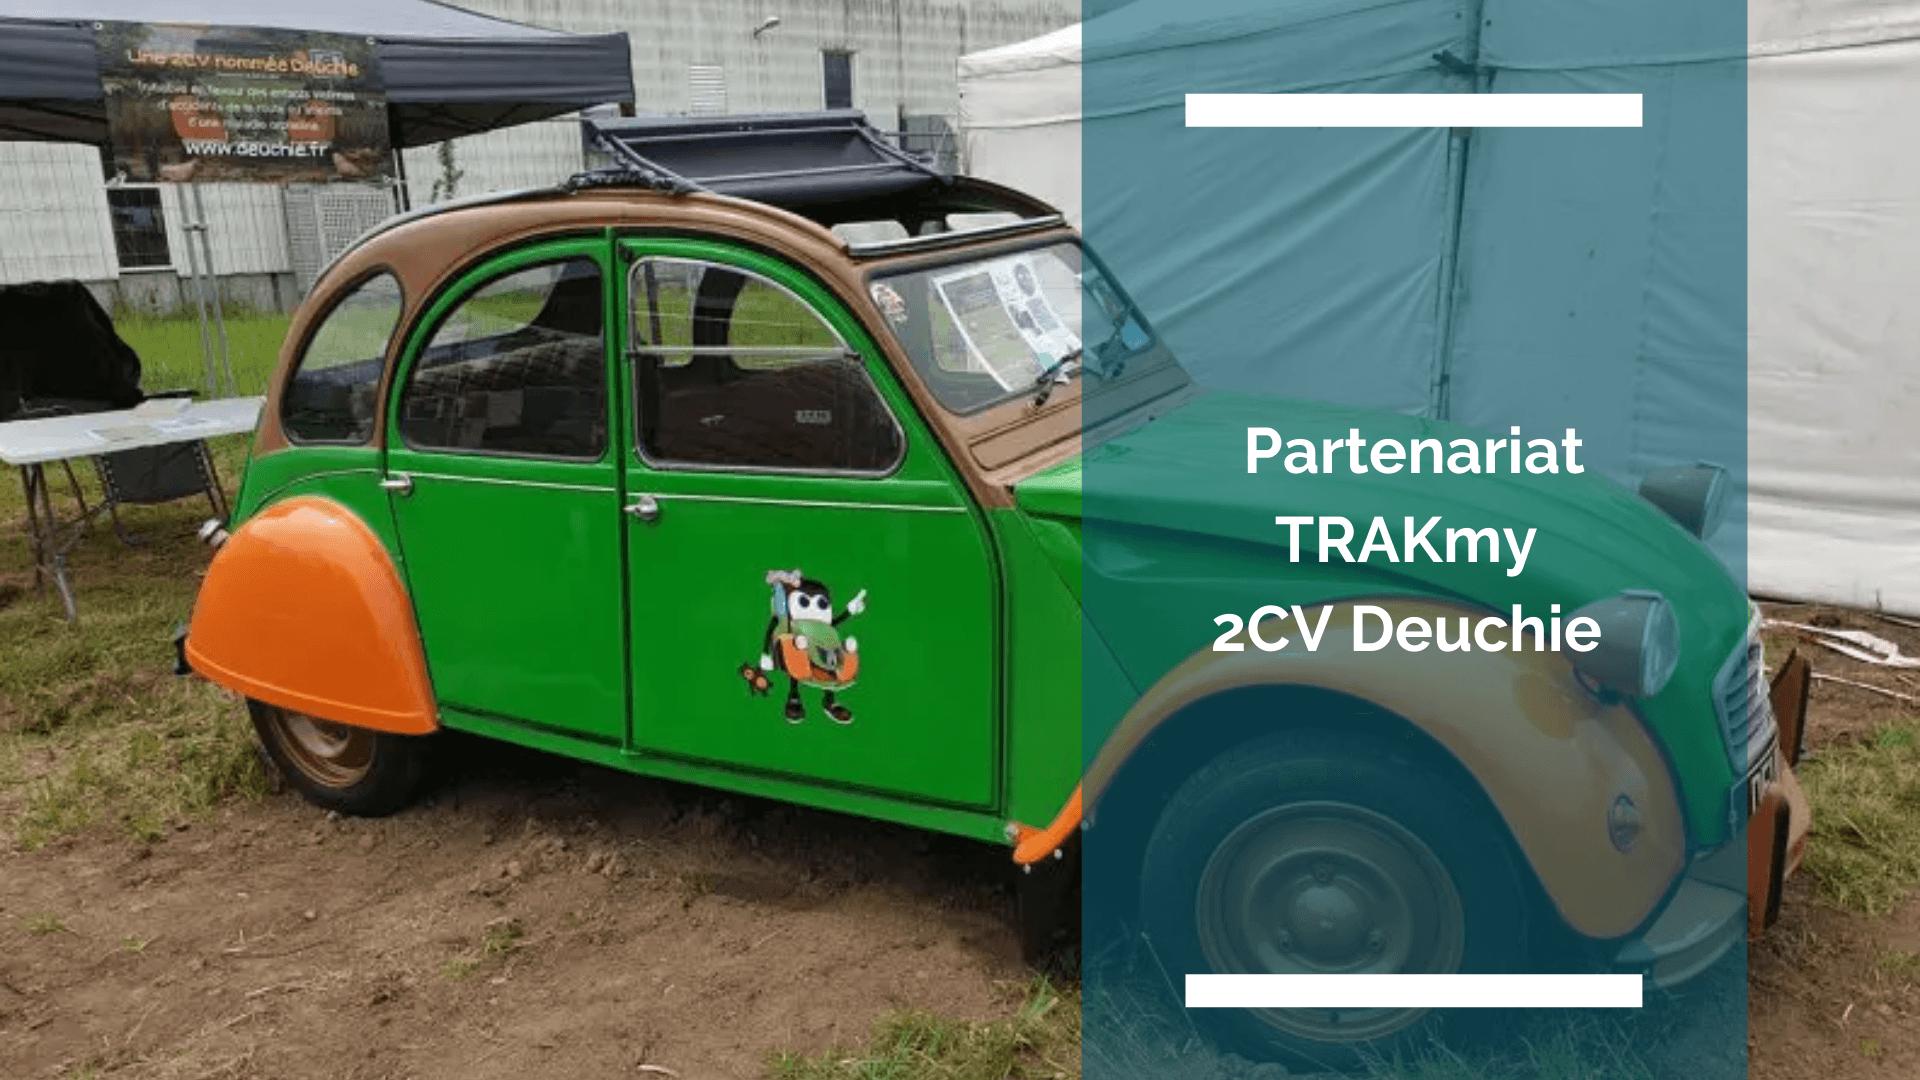 TRAKmy réalise un partenariat avec la 2CV Deuchie 🚀